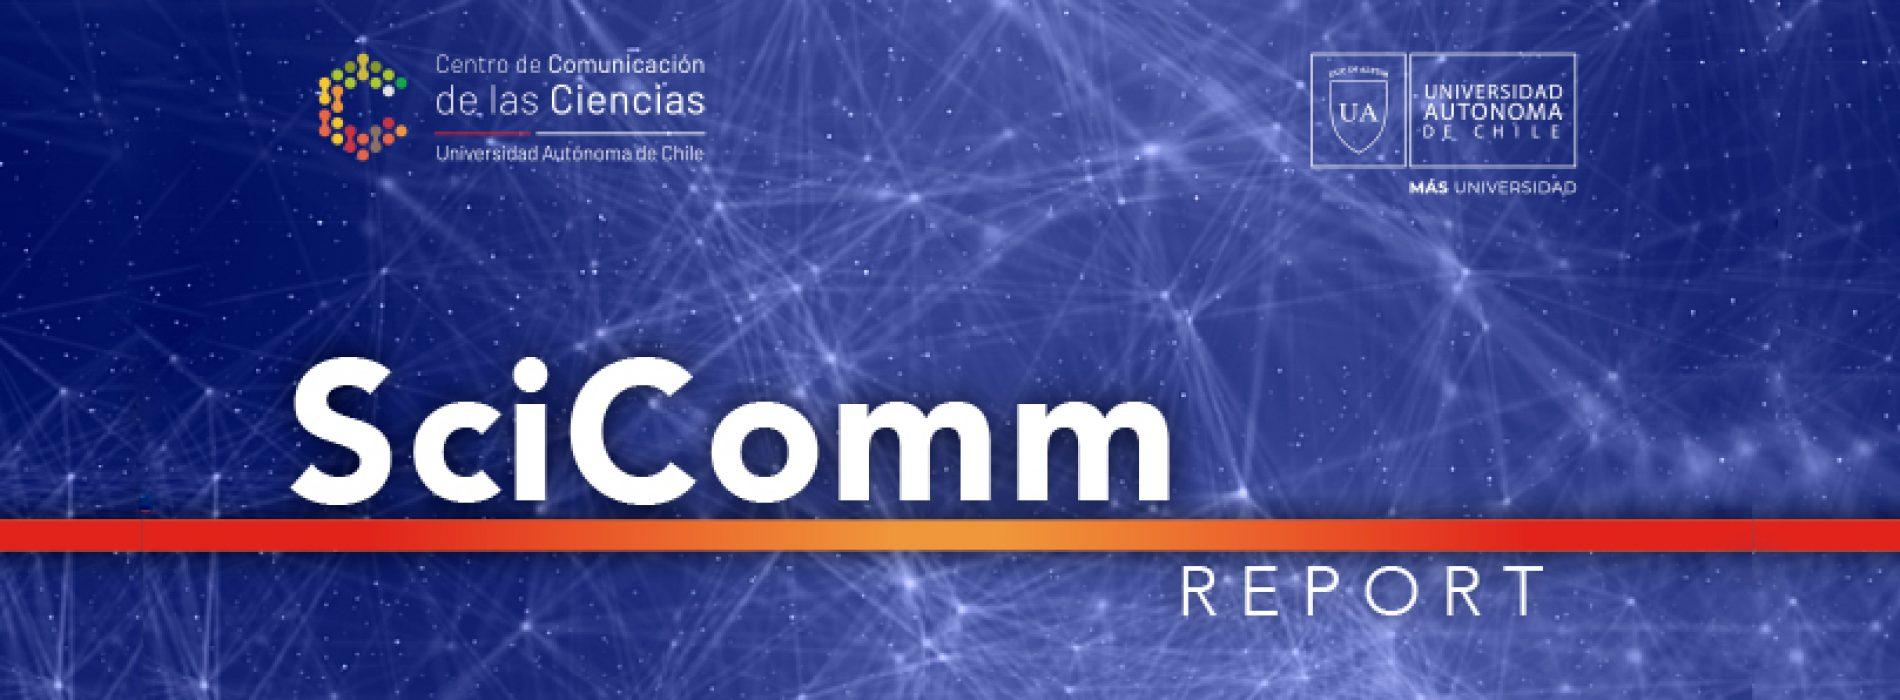 Brochure SciComm Report, órgano oficial del Centro de Comunicación de las Ciencias de la Universidad Autónoma de Chile.